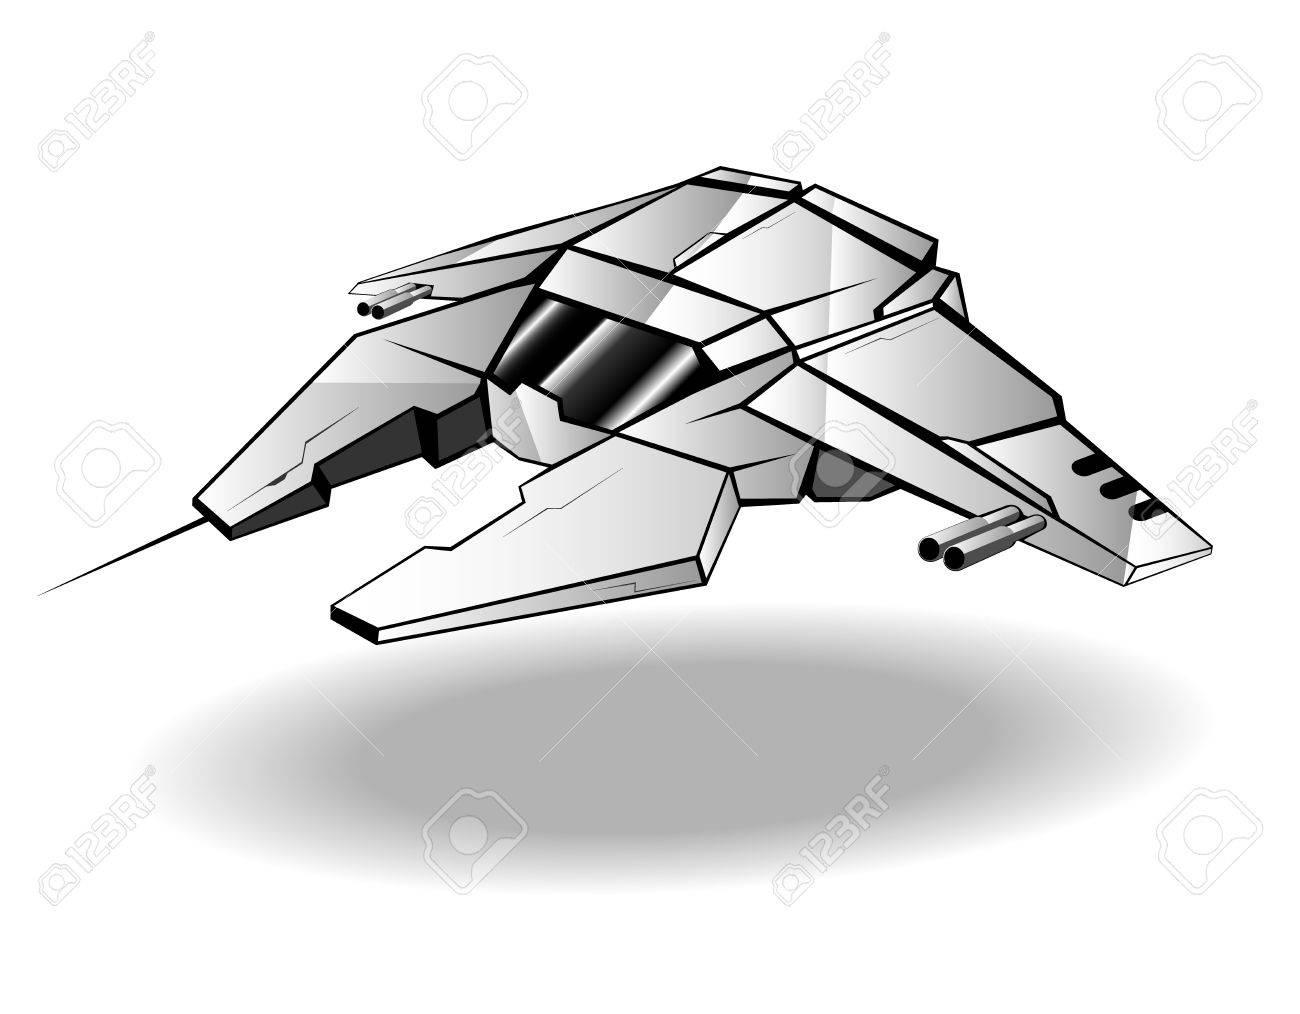 futuristic spaceship. Stock Vector - 12483308